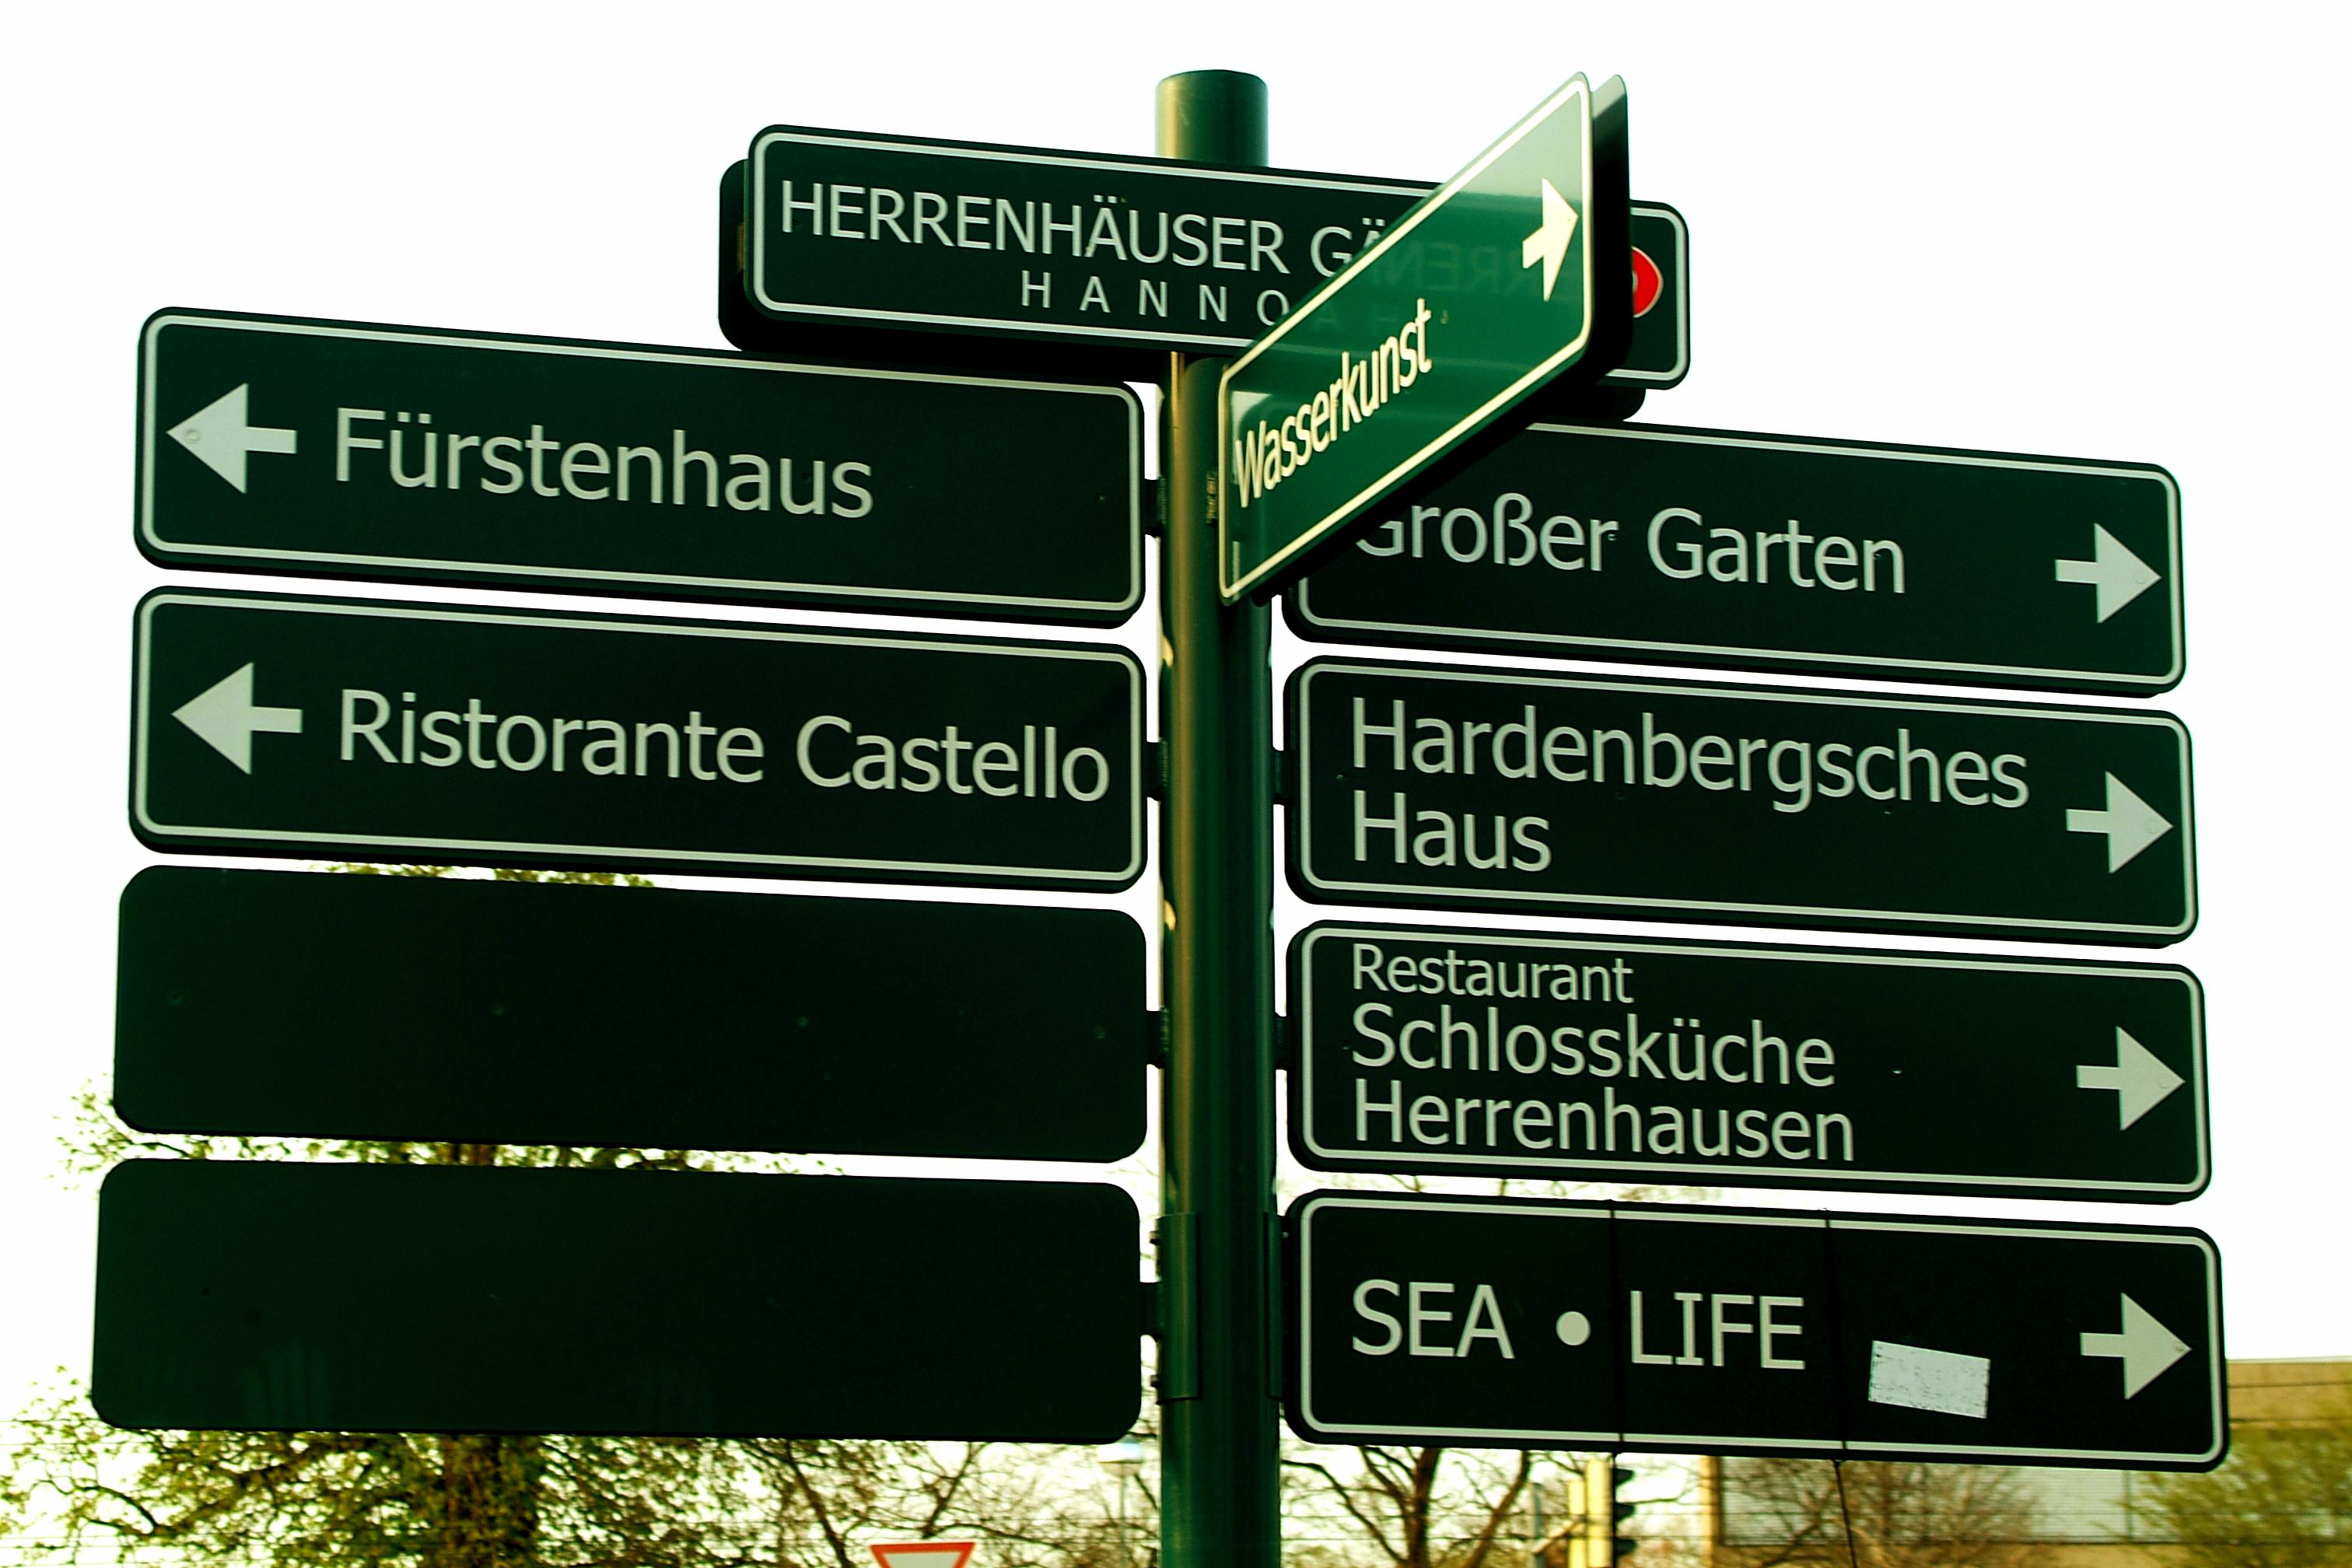 Herrenh Ef Bf Bduser G Ef Bf Bdrten Hannover Cafe